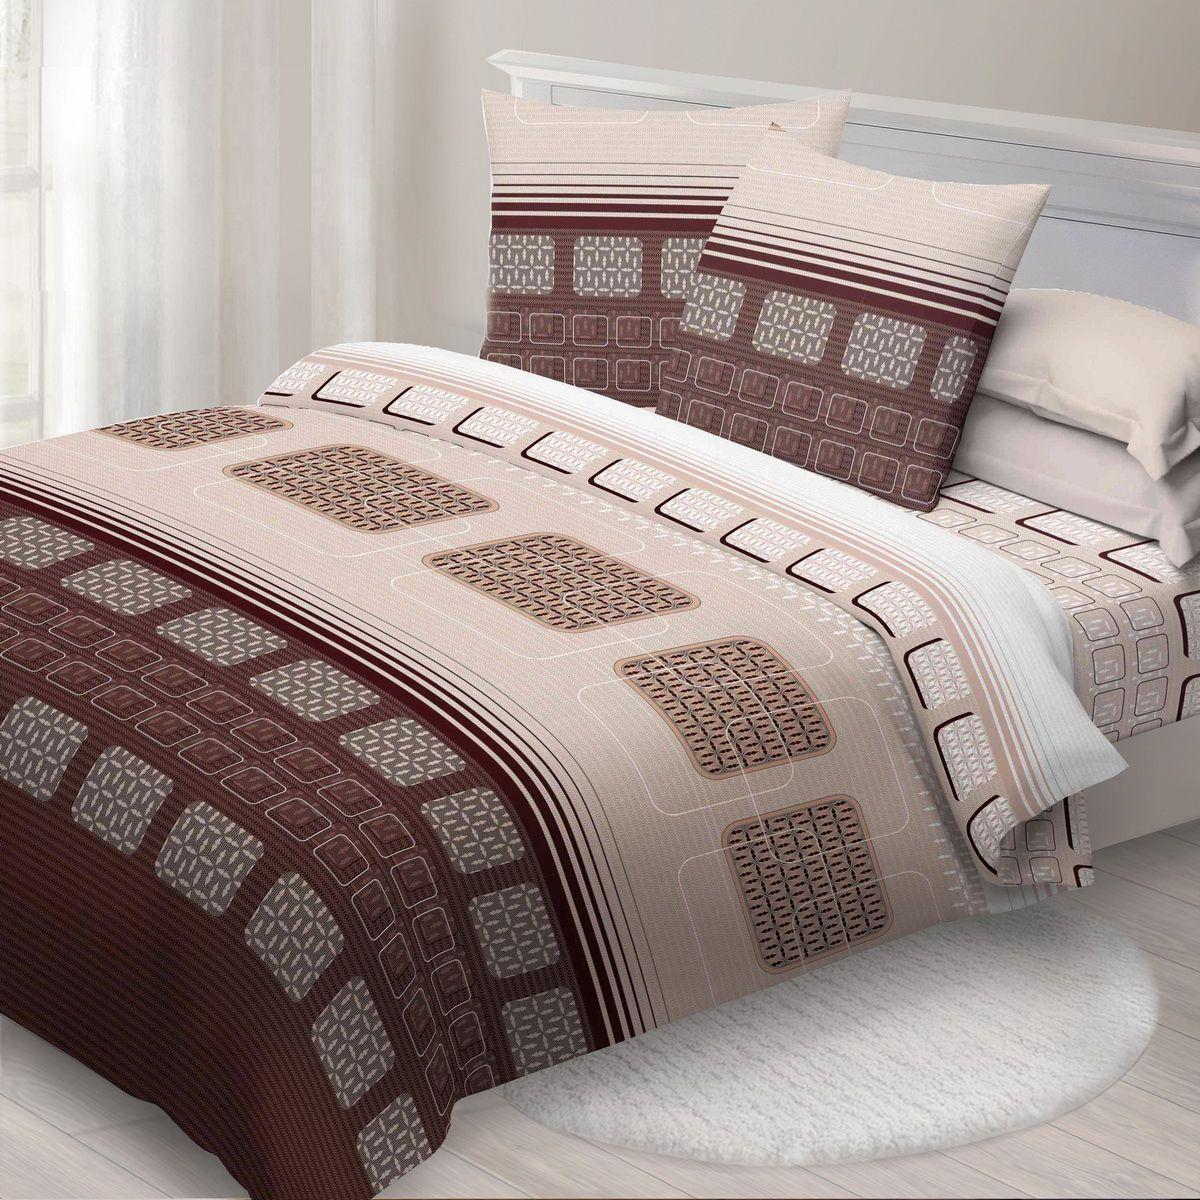 Комплект белья Спал Спалыч Синтез, 2-спальное, наволочки 70x70, цвет: коричневый83145Спал Спалыч - недорогое, но качественное постельное белье из белорусской бязи. Актуальные дизайны, авторская упаковка в сочетании с качественными материалами и приемлемой ценой - залог успеха Спал Спалыча!В ассортименте широкая линейка домашнего текстиля для всей семьи - современные дизайны современному покупателю! Ткань обработана по технологии PERFECT WAY - благодаря чему, она становится более гладкой и шелковистой.• Бязь Барановичи 100% хлопок• Плотность ткани - 125 гр/кв.м.